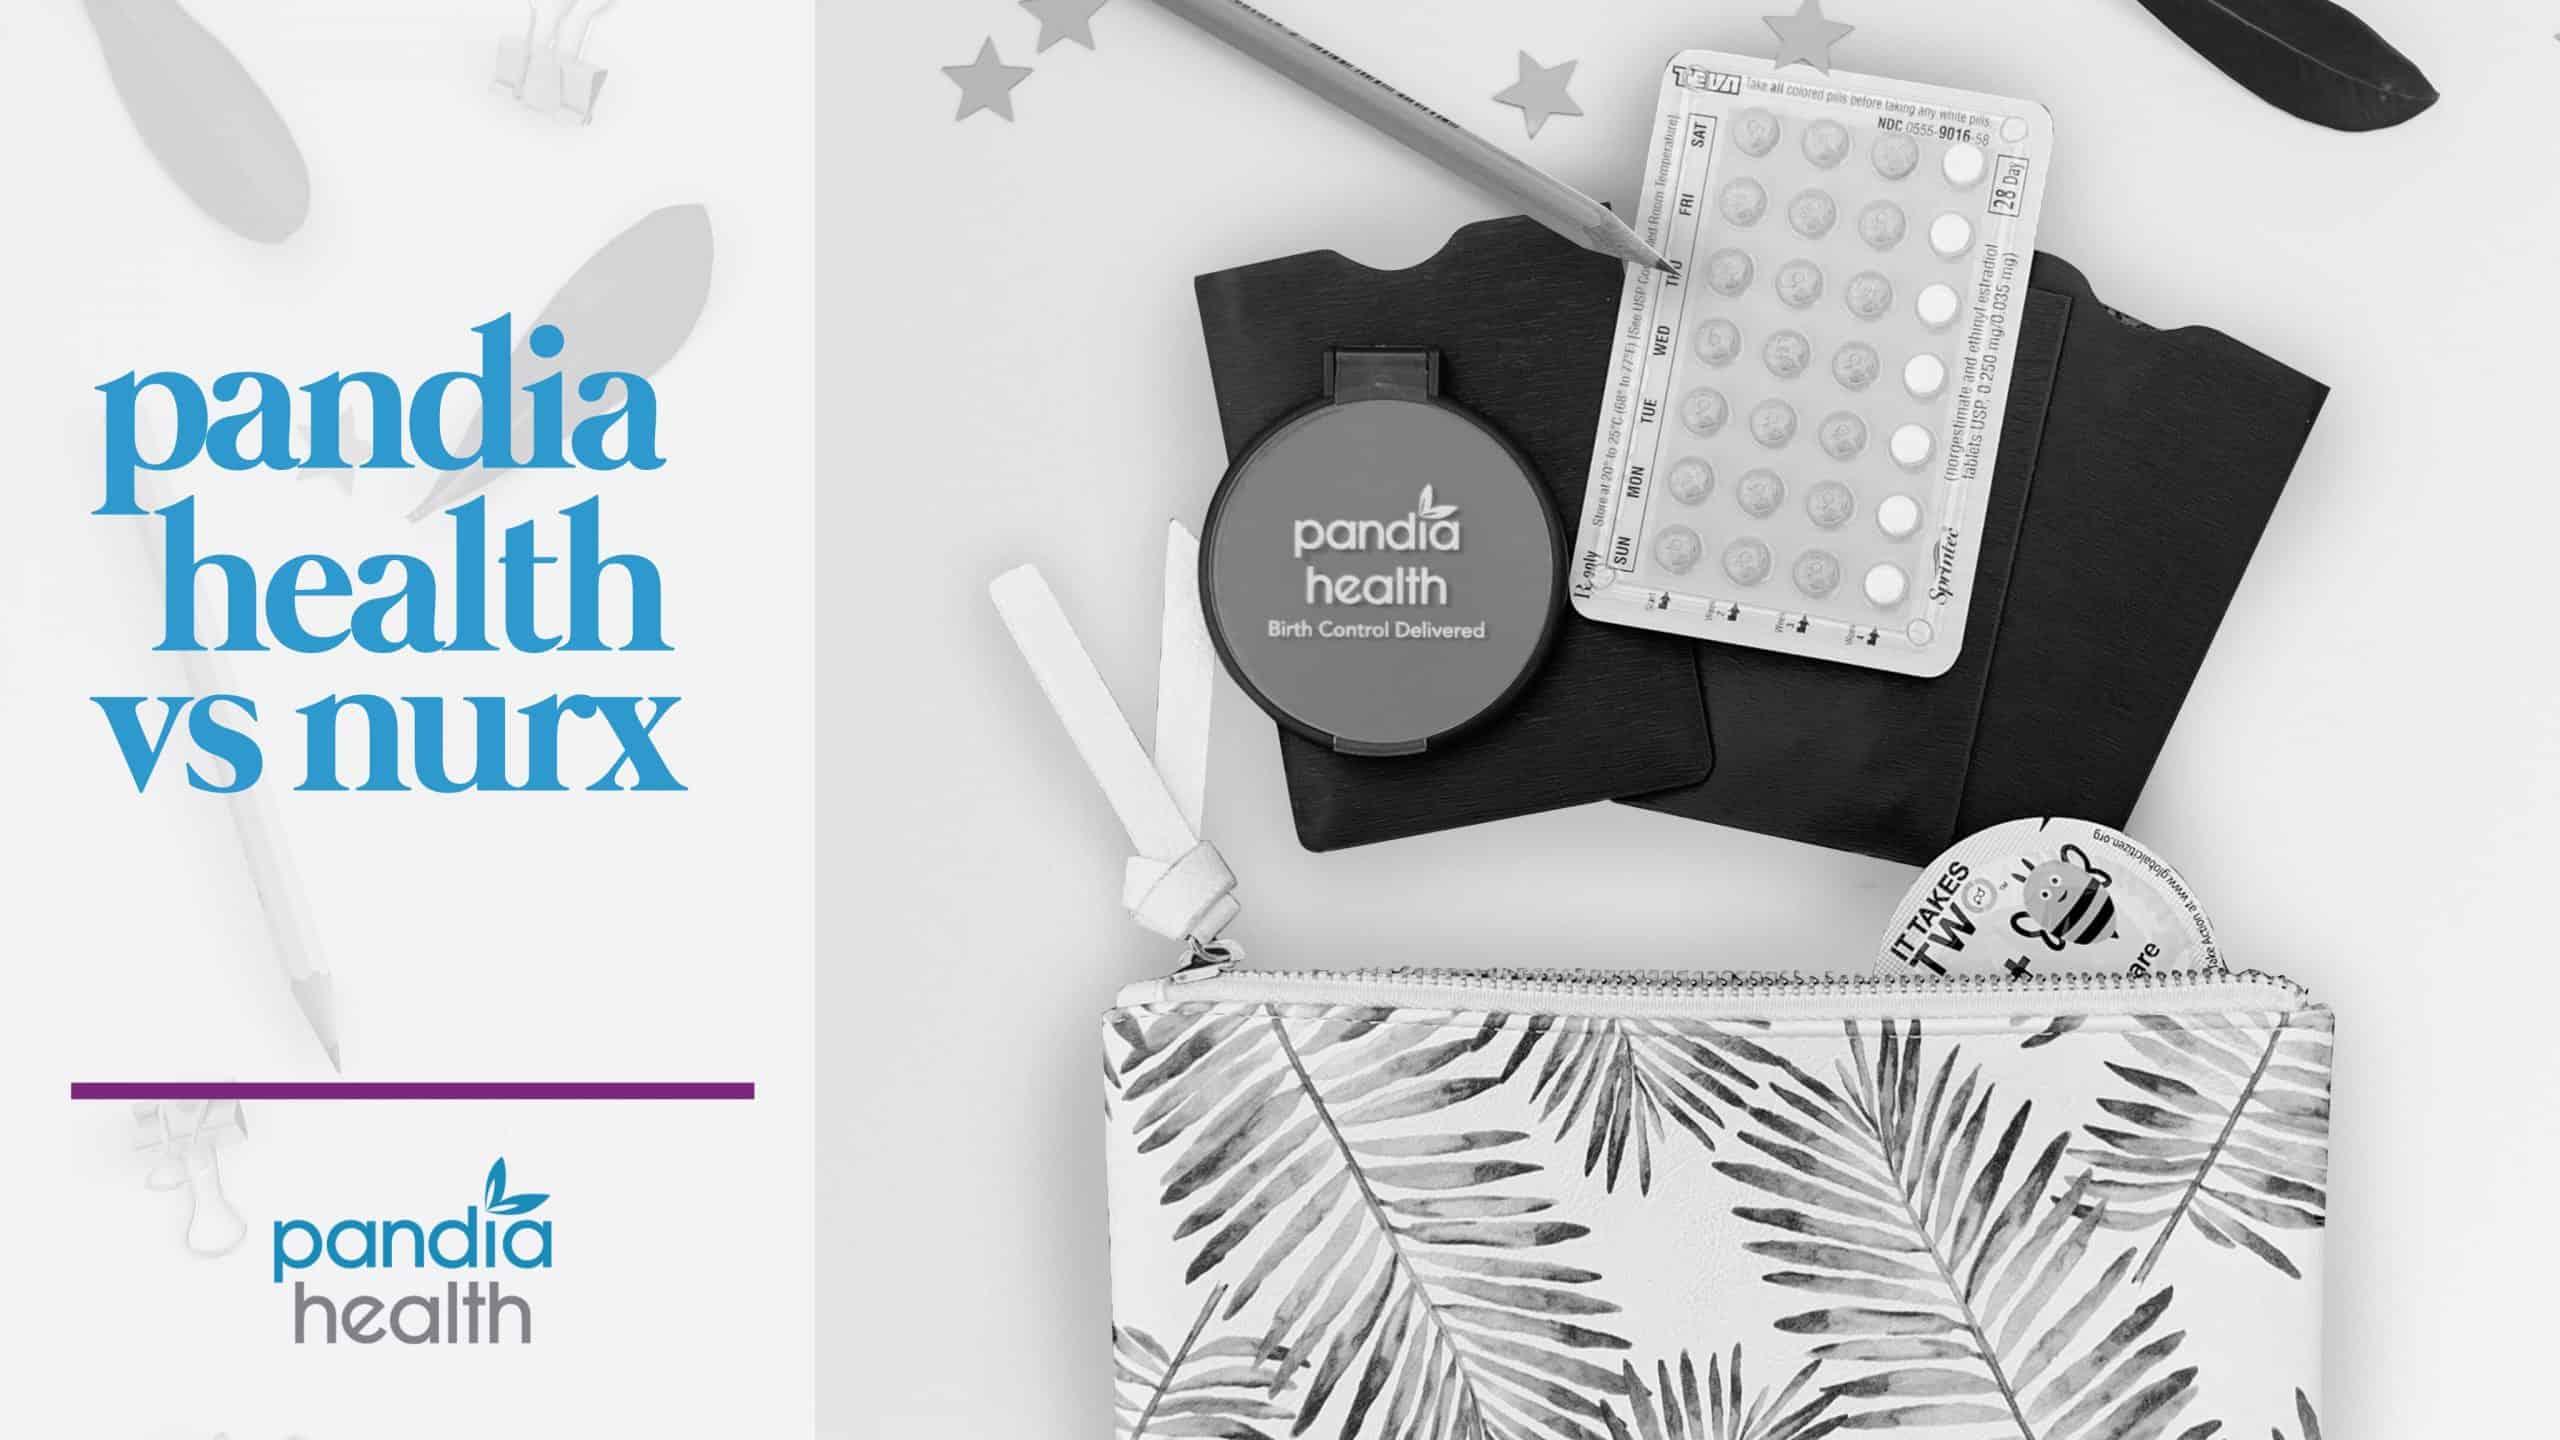 pandia health vs nurx